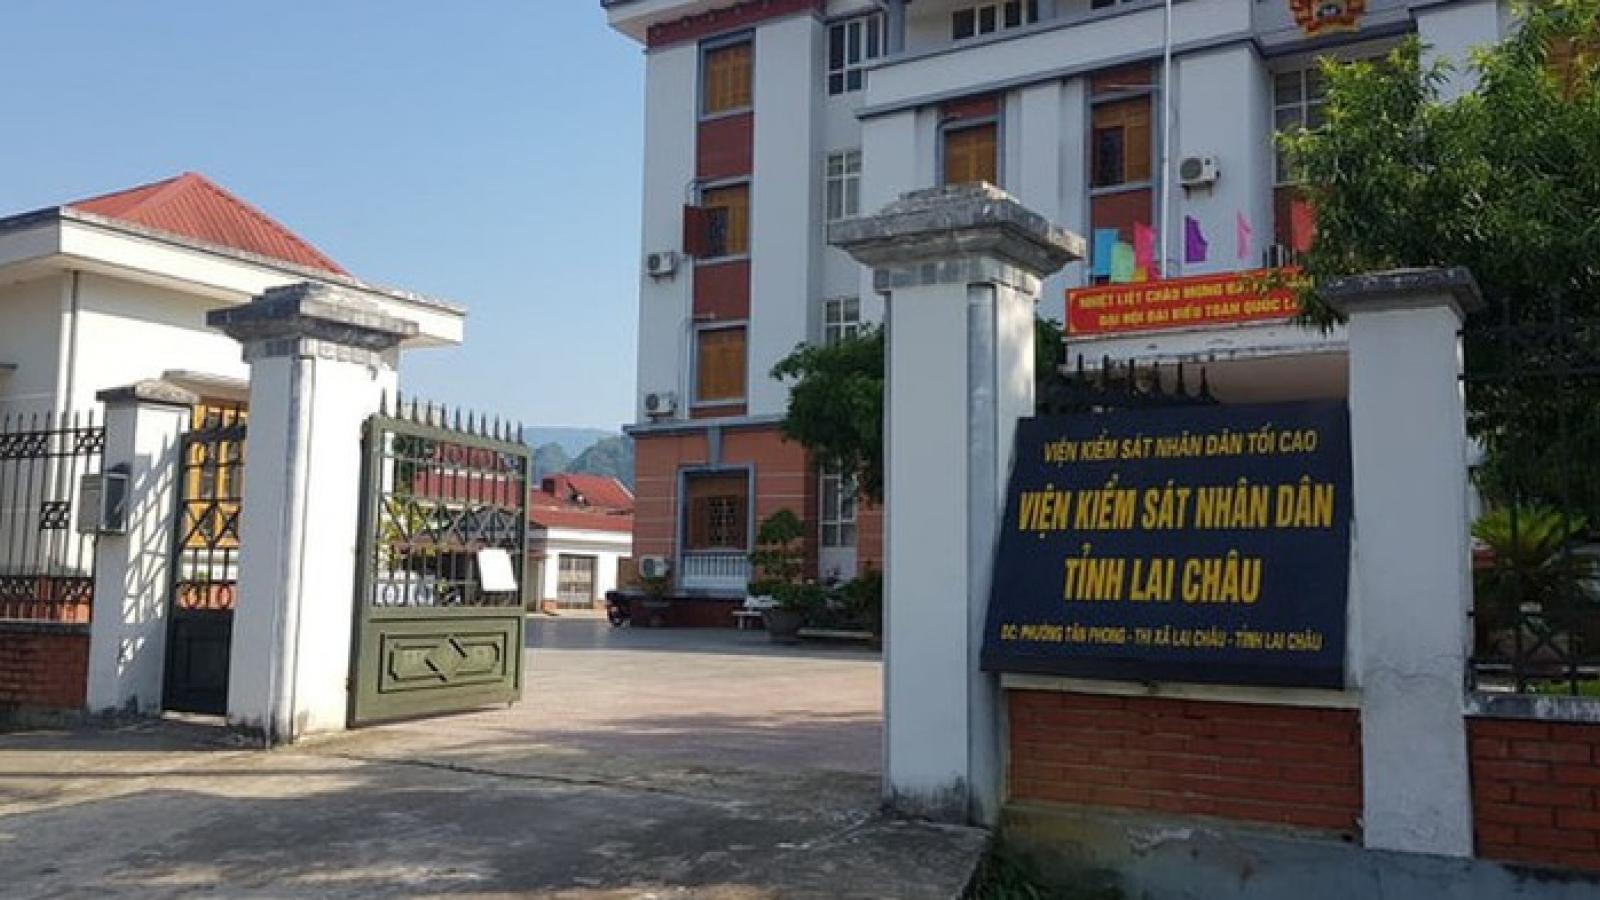 Cách chức Bí thư Ban Cán sự đối với cựu Viện trưởng VKSND Lai Châu